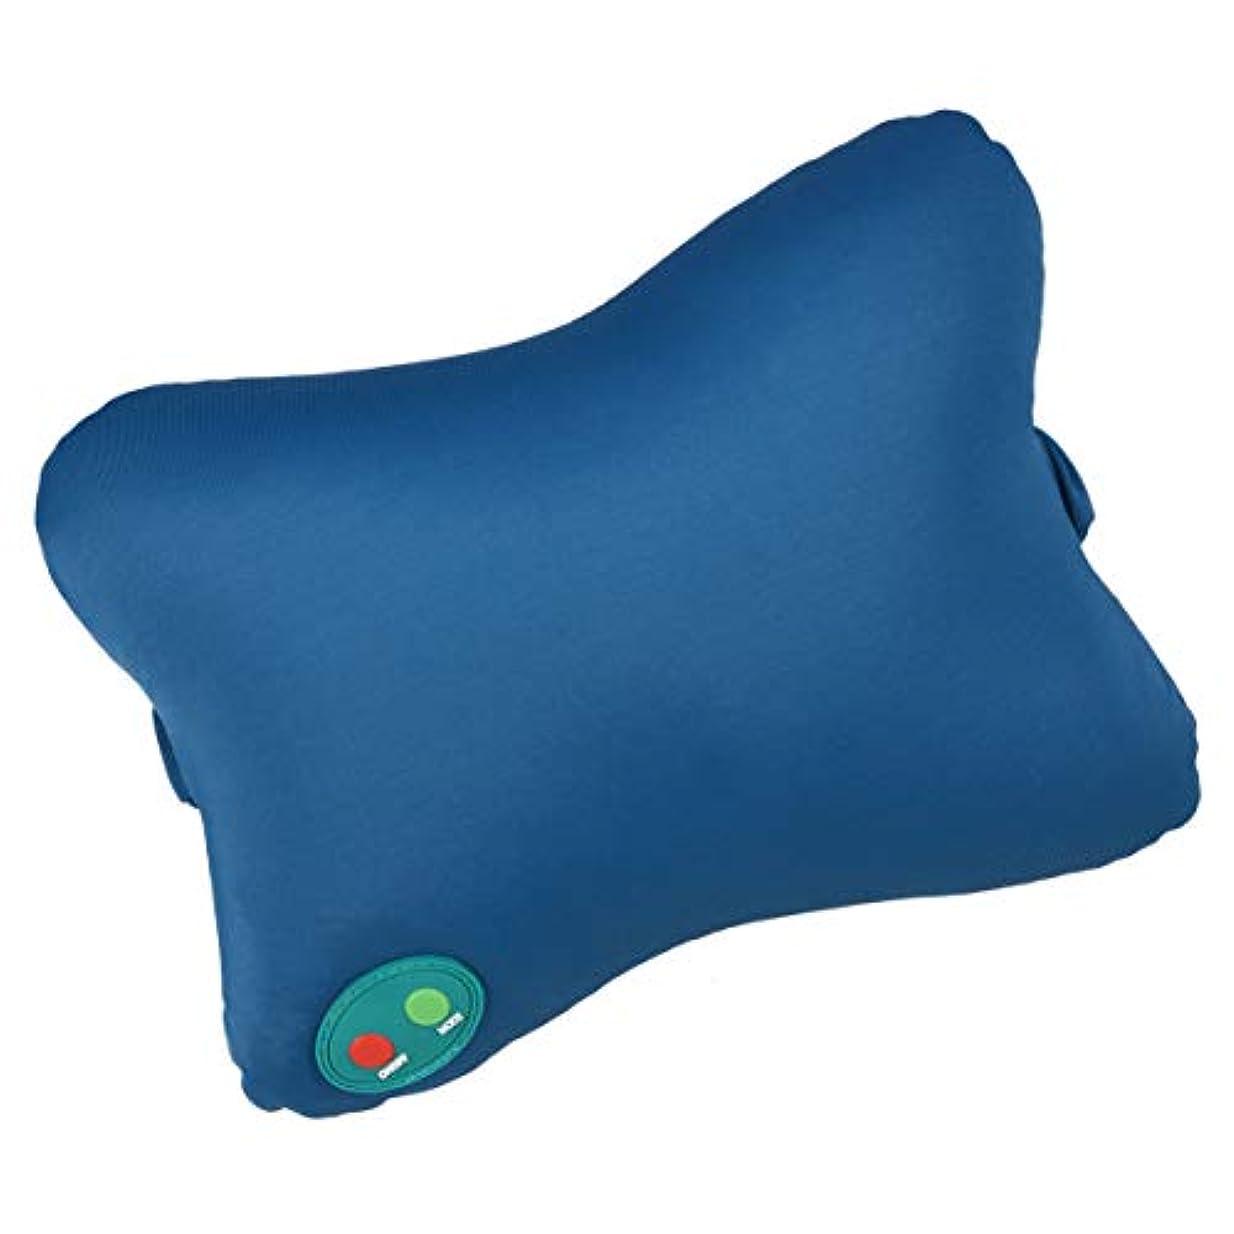 浸透する暴露限りなくSUPVOX マッサージ枕ポータブルマッサージャー首背中肩腕脚軽量ホームオフィスカー